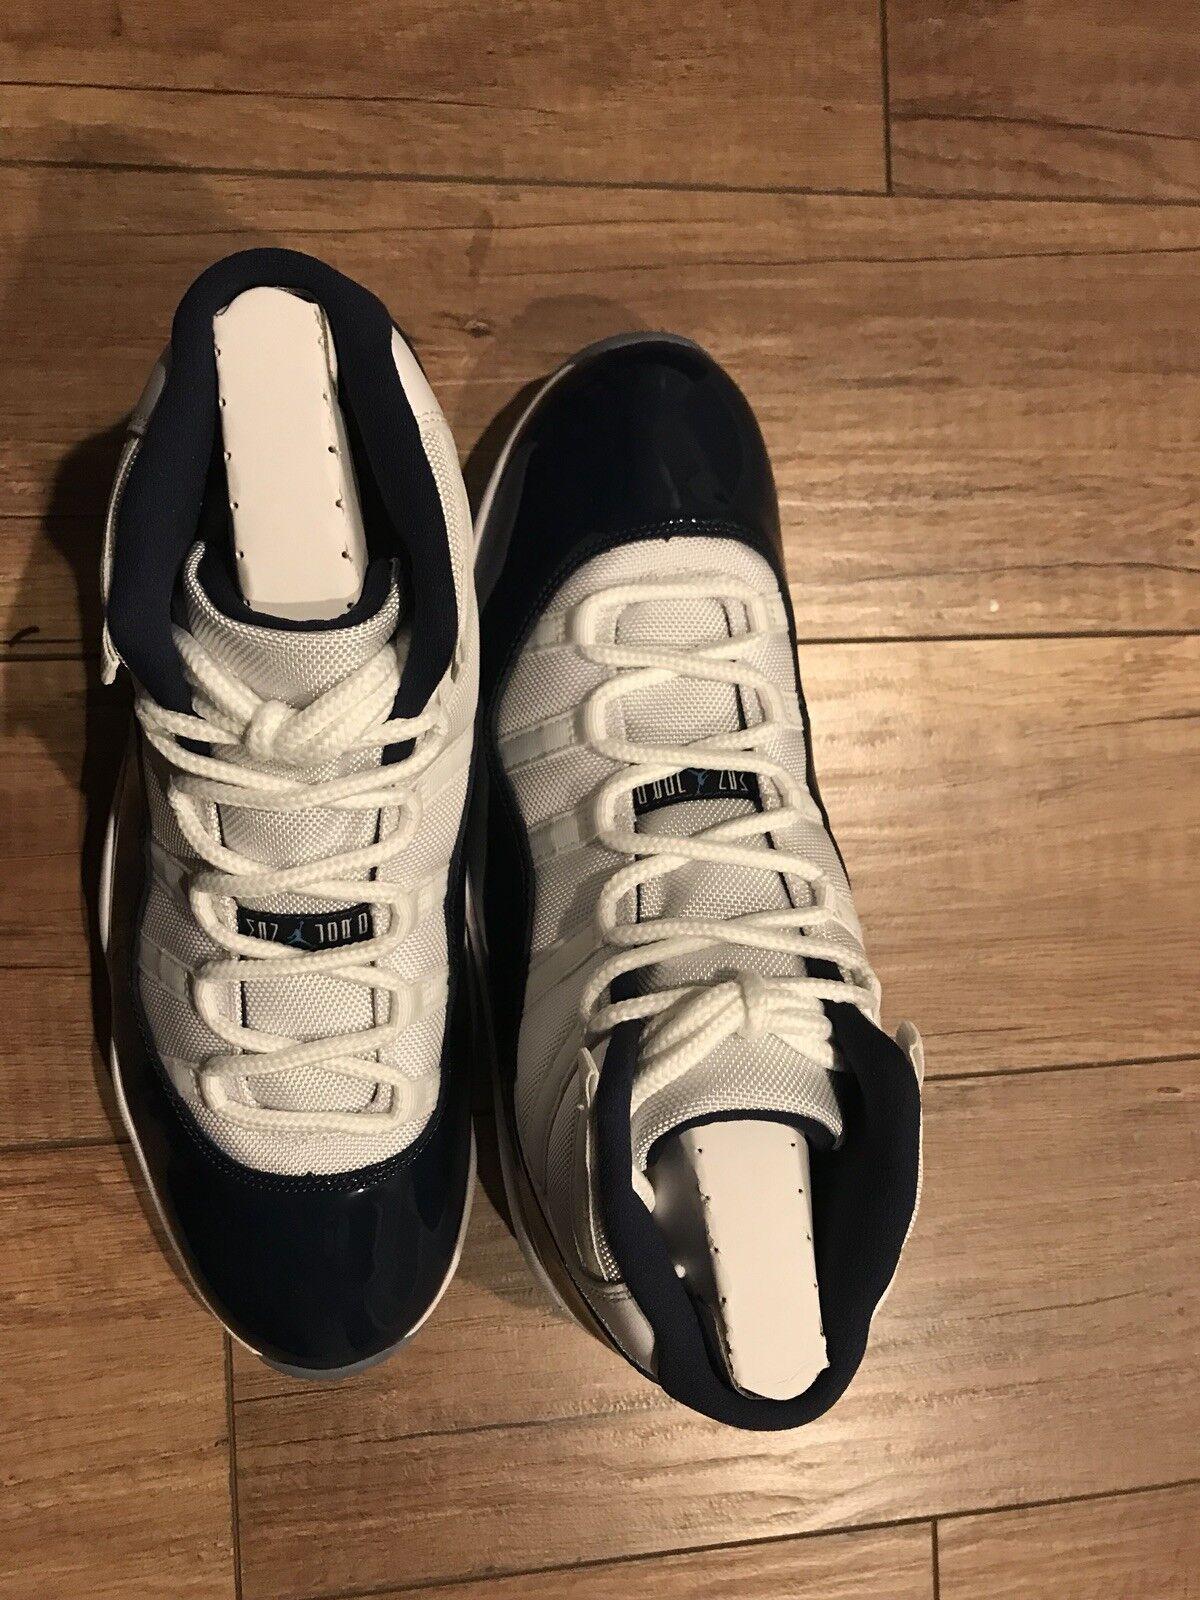 Nike air jordan retrò 11 vincere come